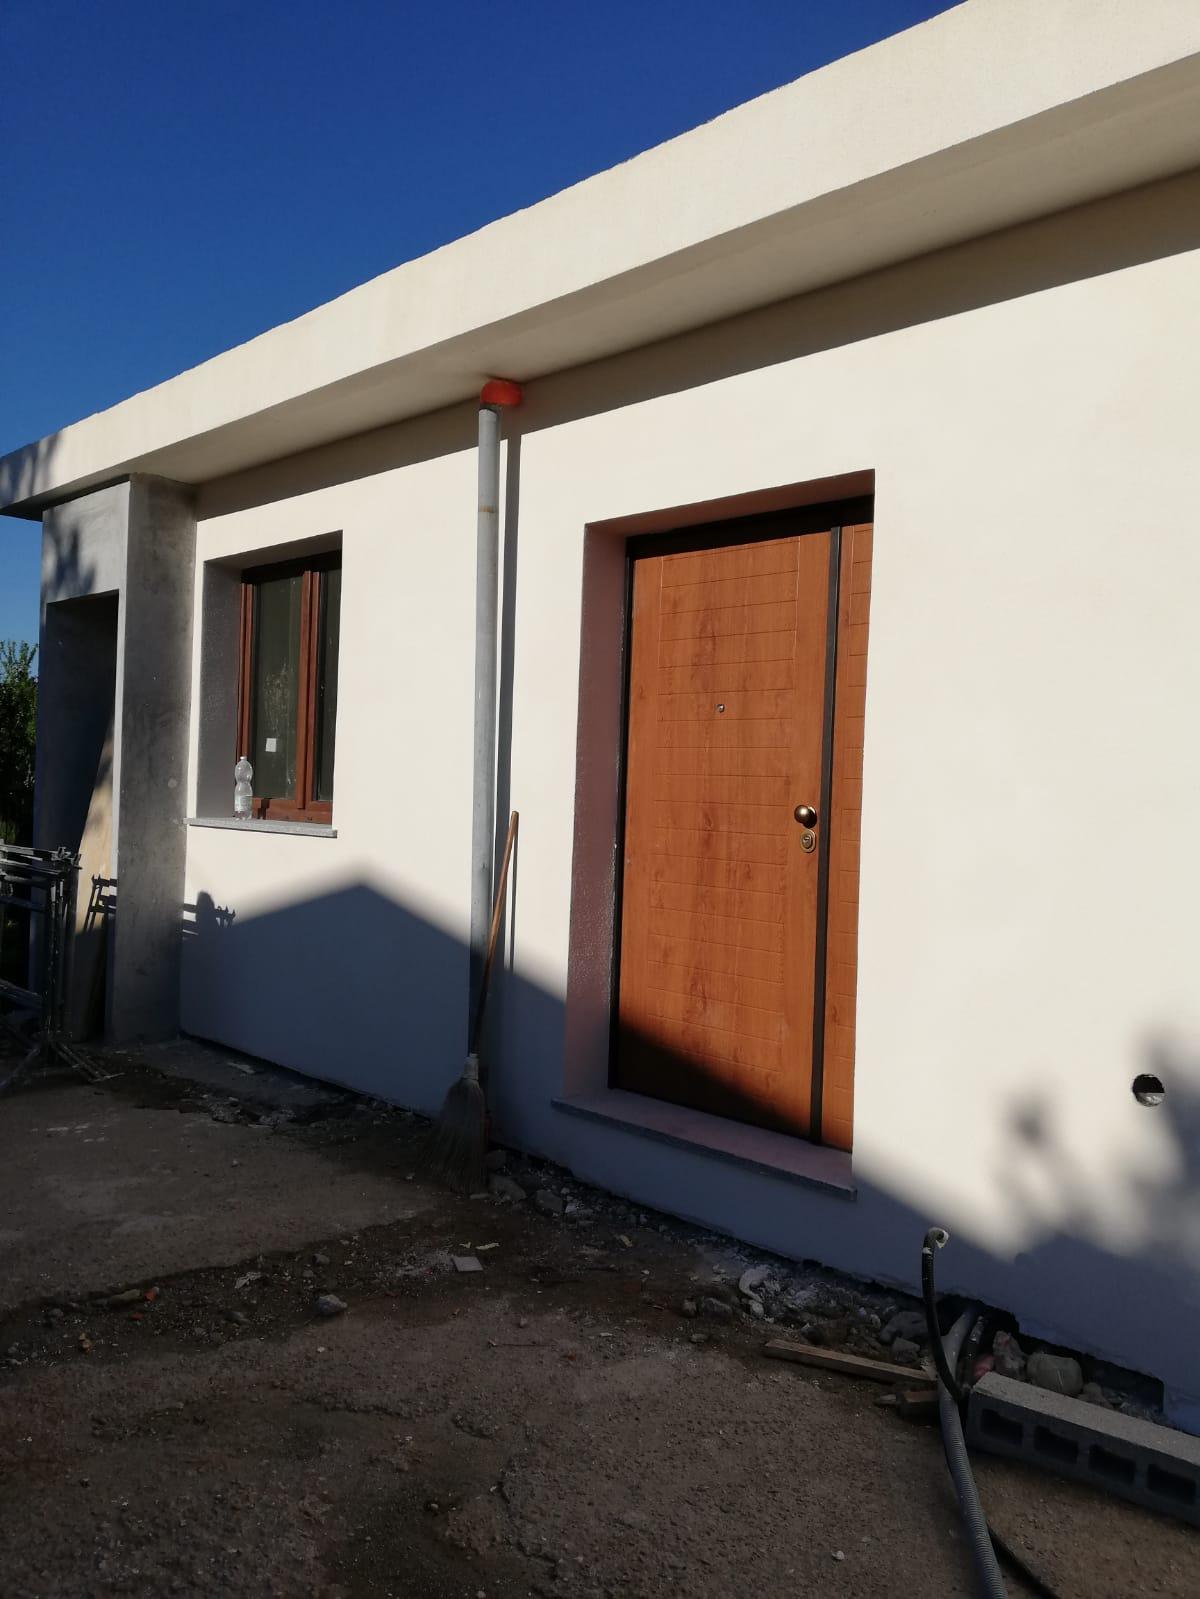 Foto 1 di Appartamento Via Einaudi, 10060 None TO, Italia, None